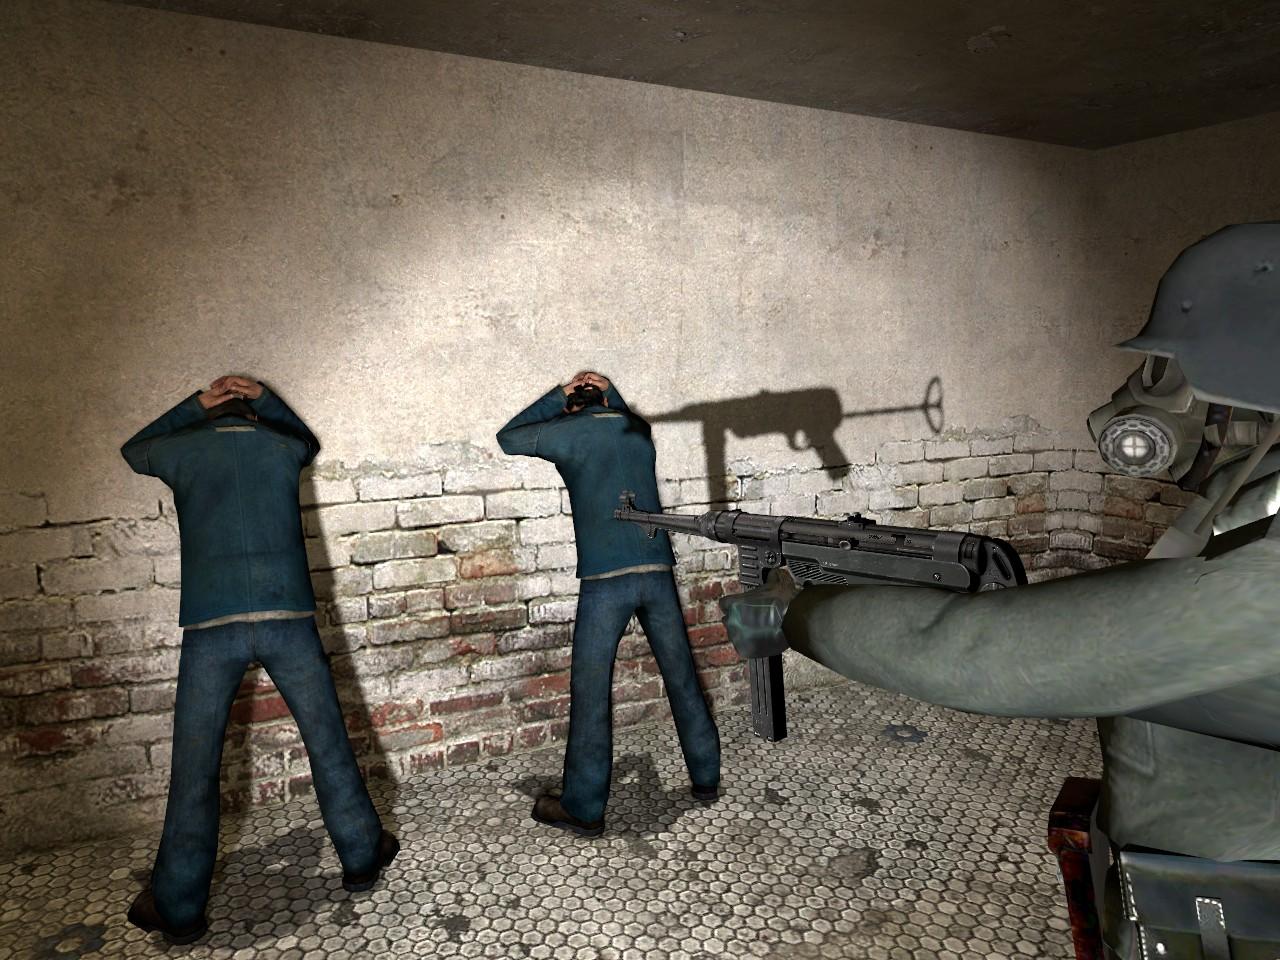 2013-06-08_00020.jpg - Half-Life 2